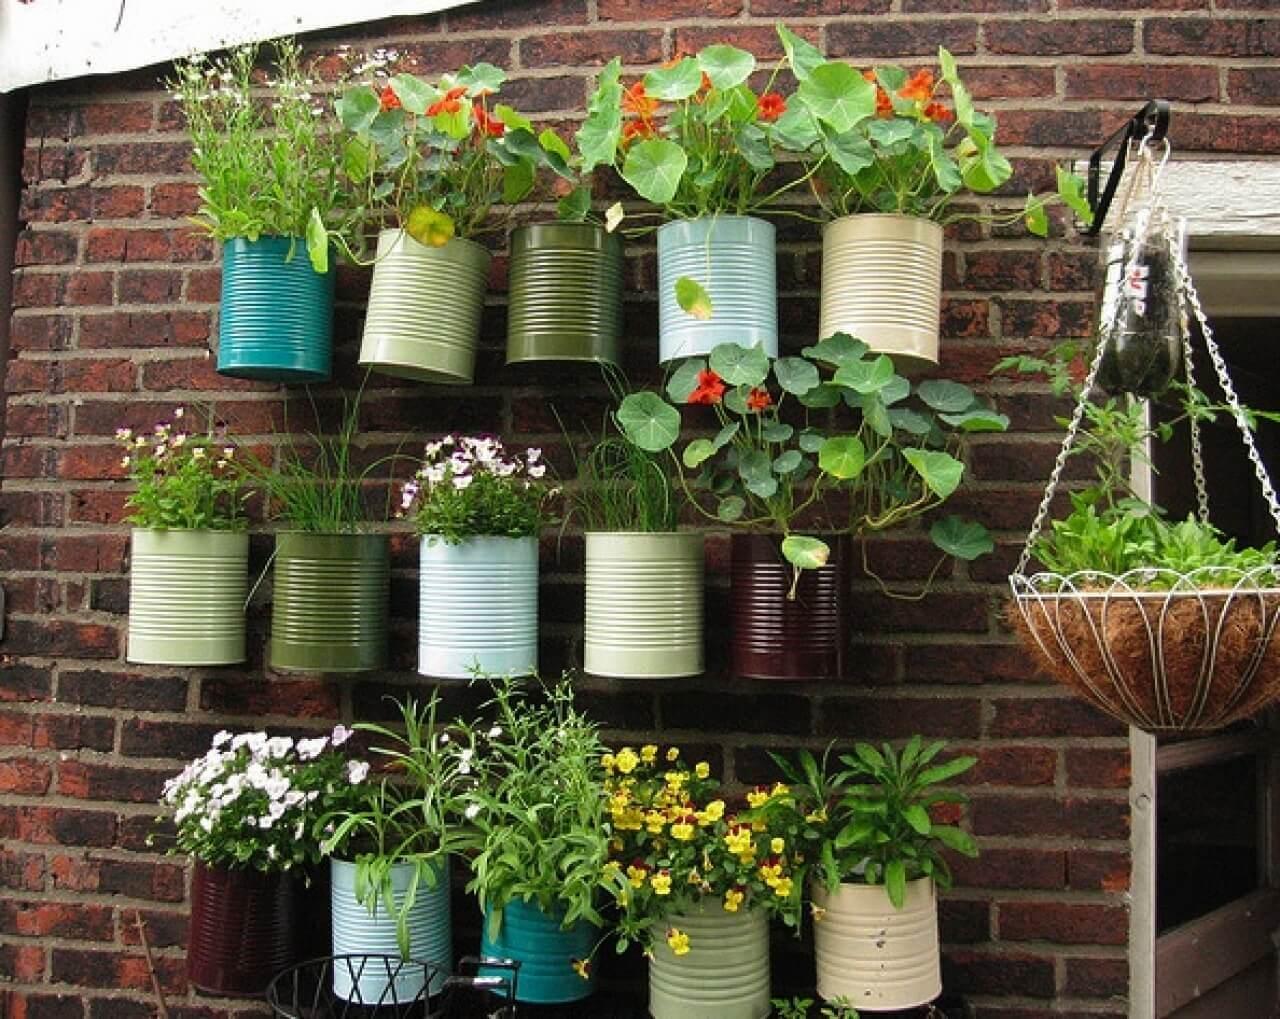 An urban garden.